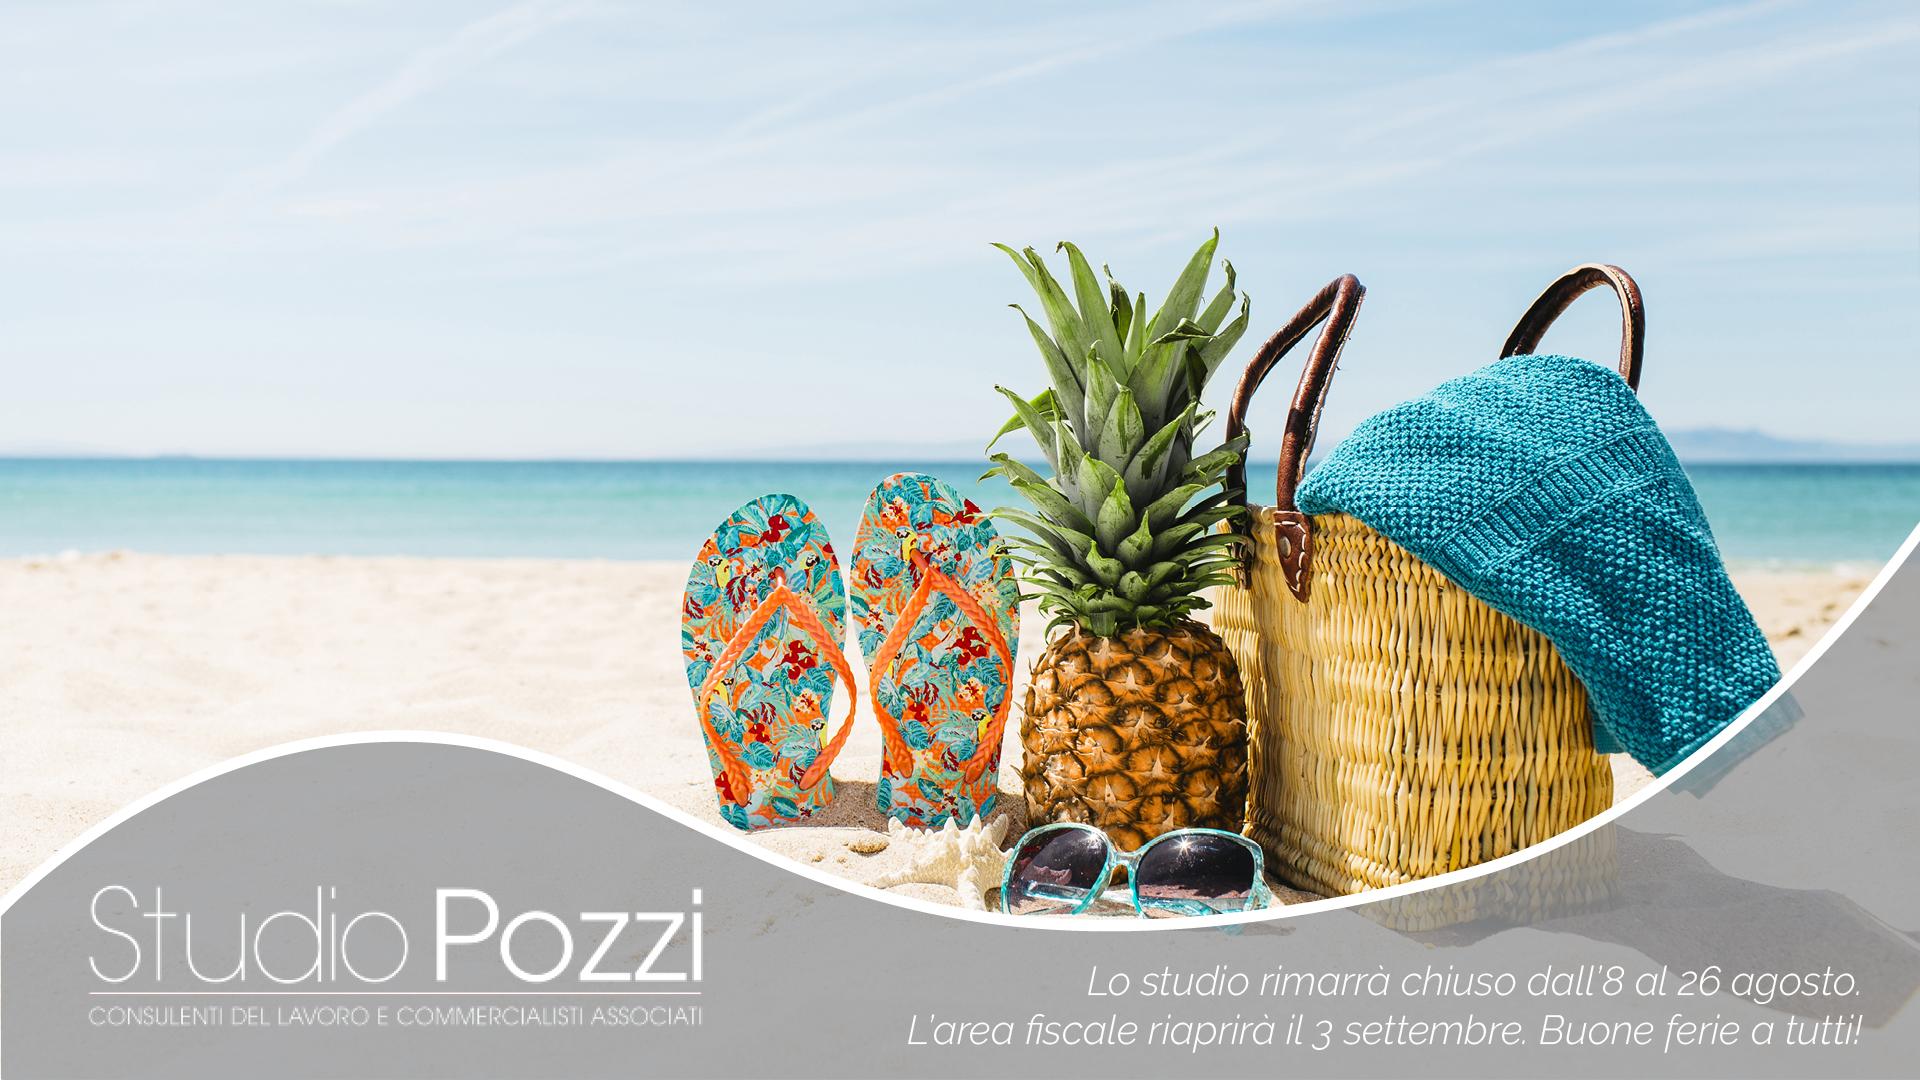 Pozzi - Immagine newsletter-blog chiusura2